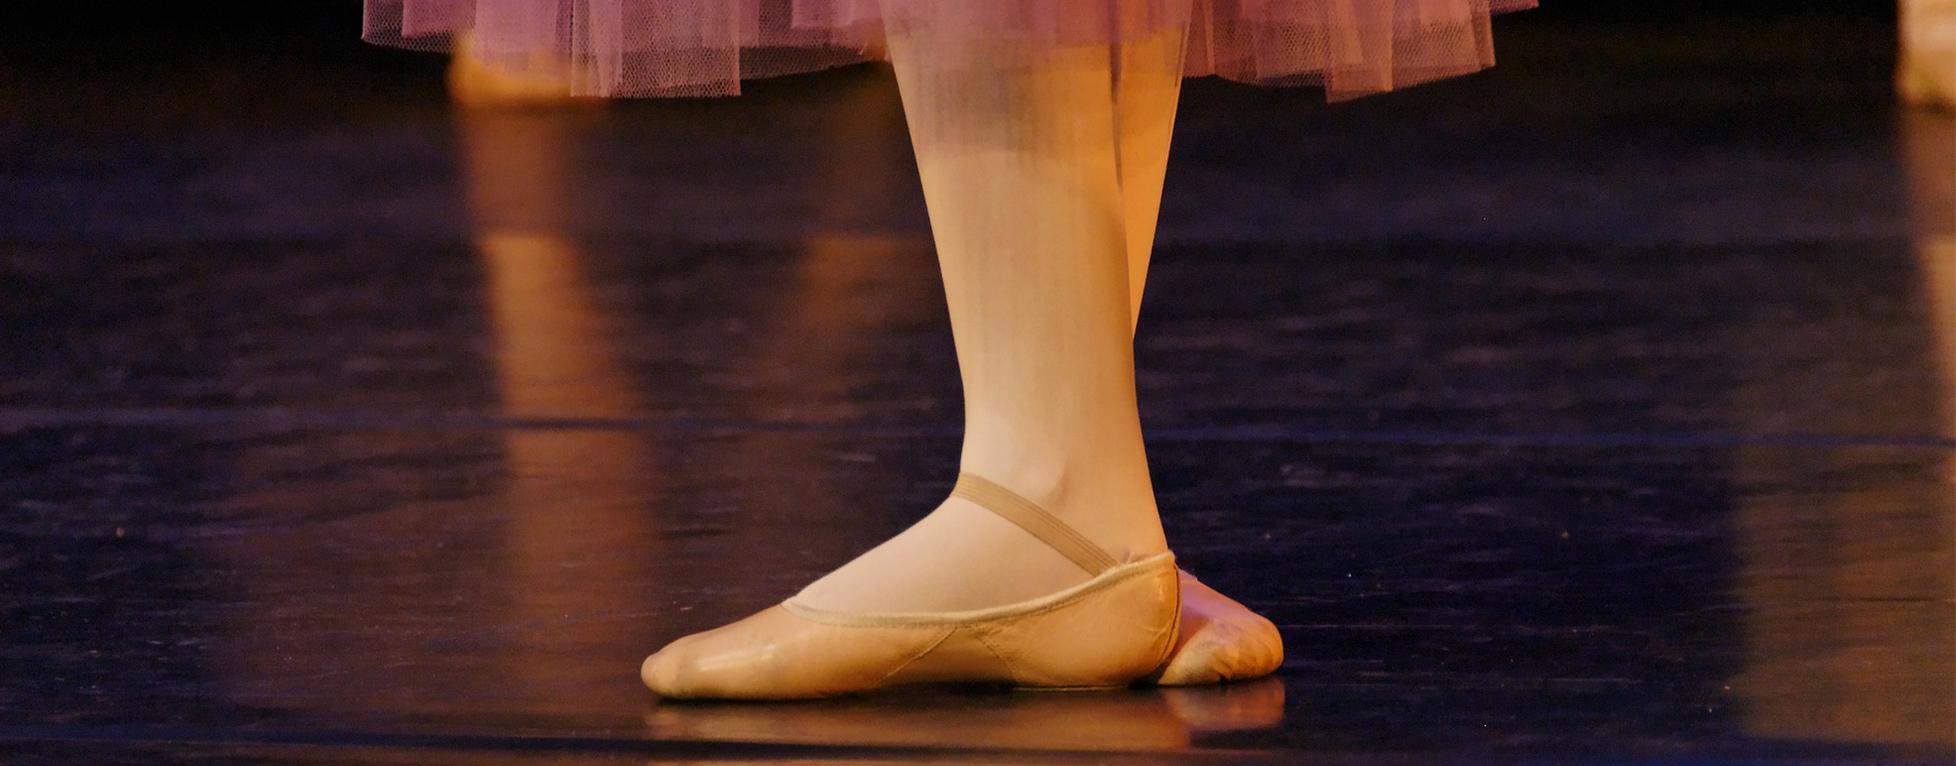 Giselle, un ballet romantique